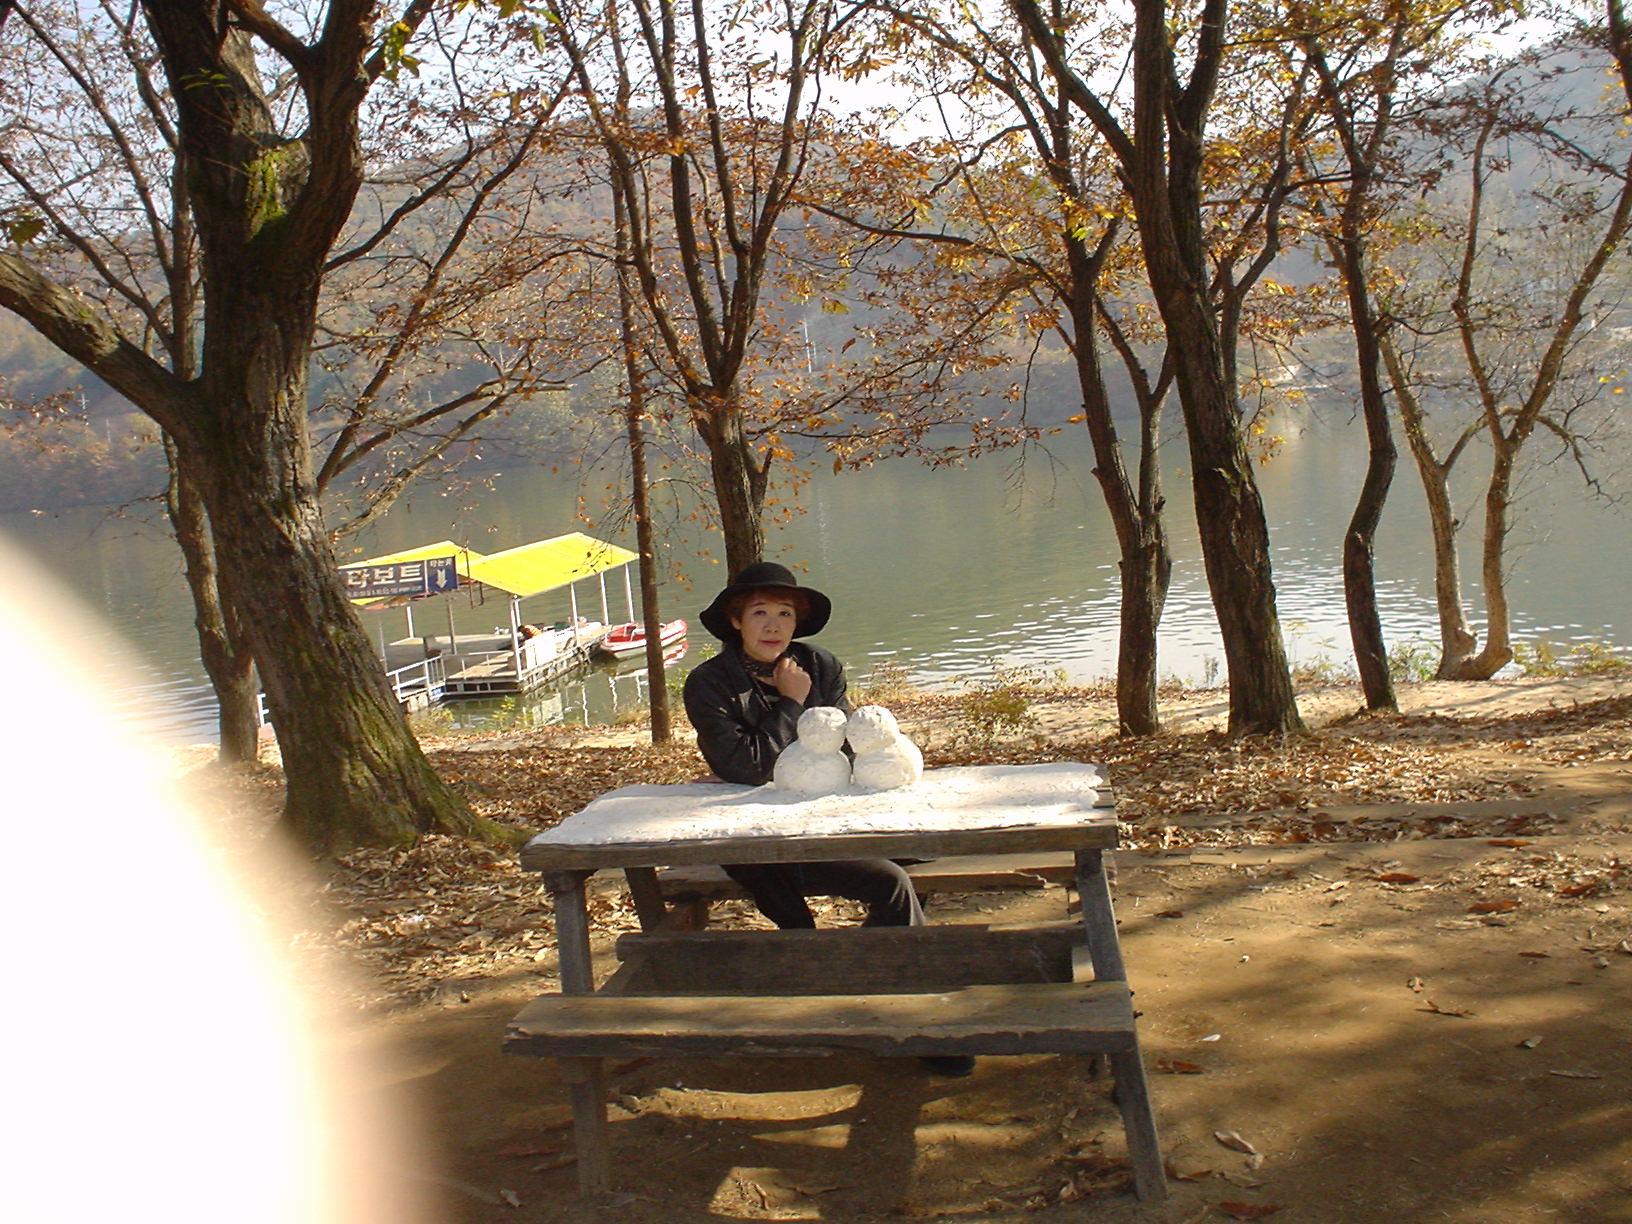 韓国、初旅行!冬ソナ!ツアー!懐かしい~!_d0060693_20213382.jpg